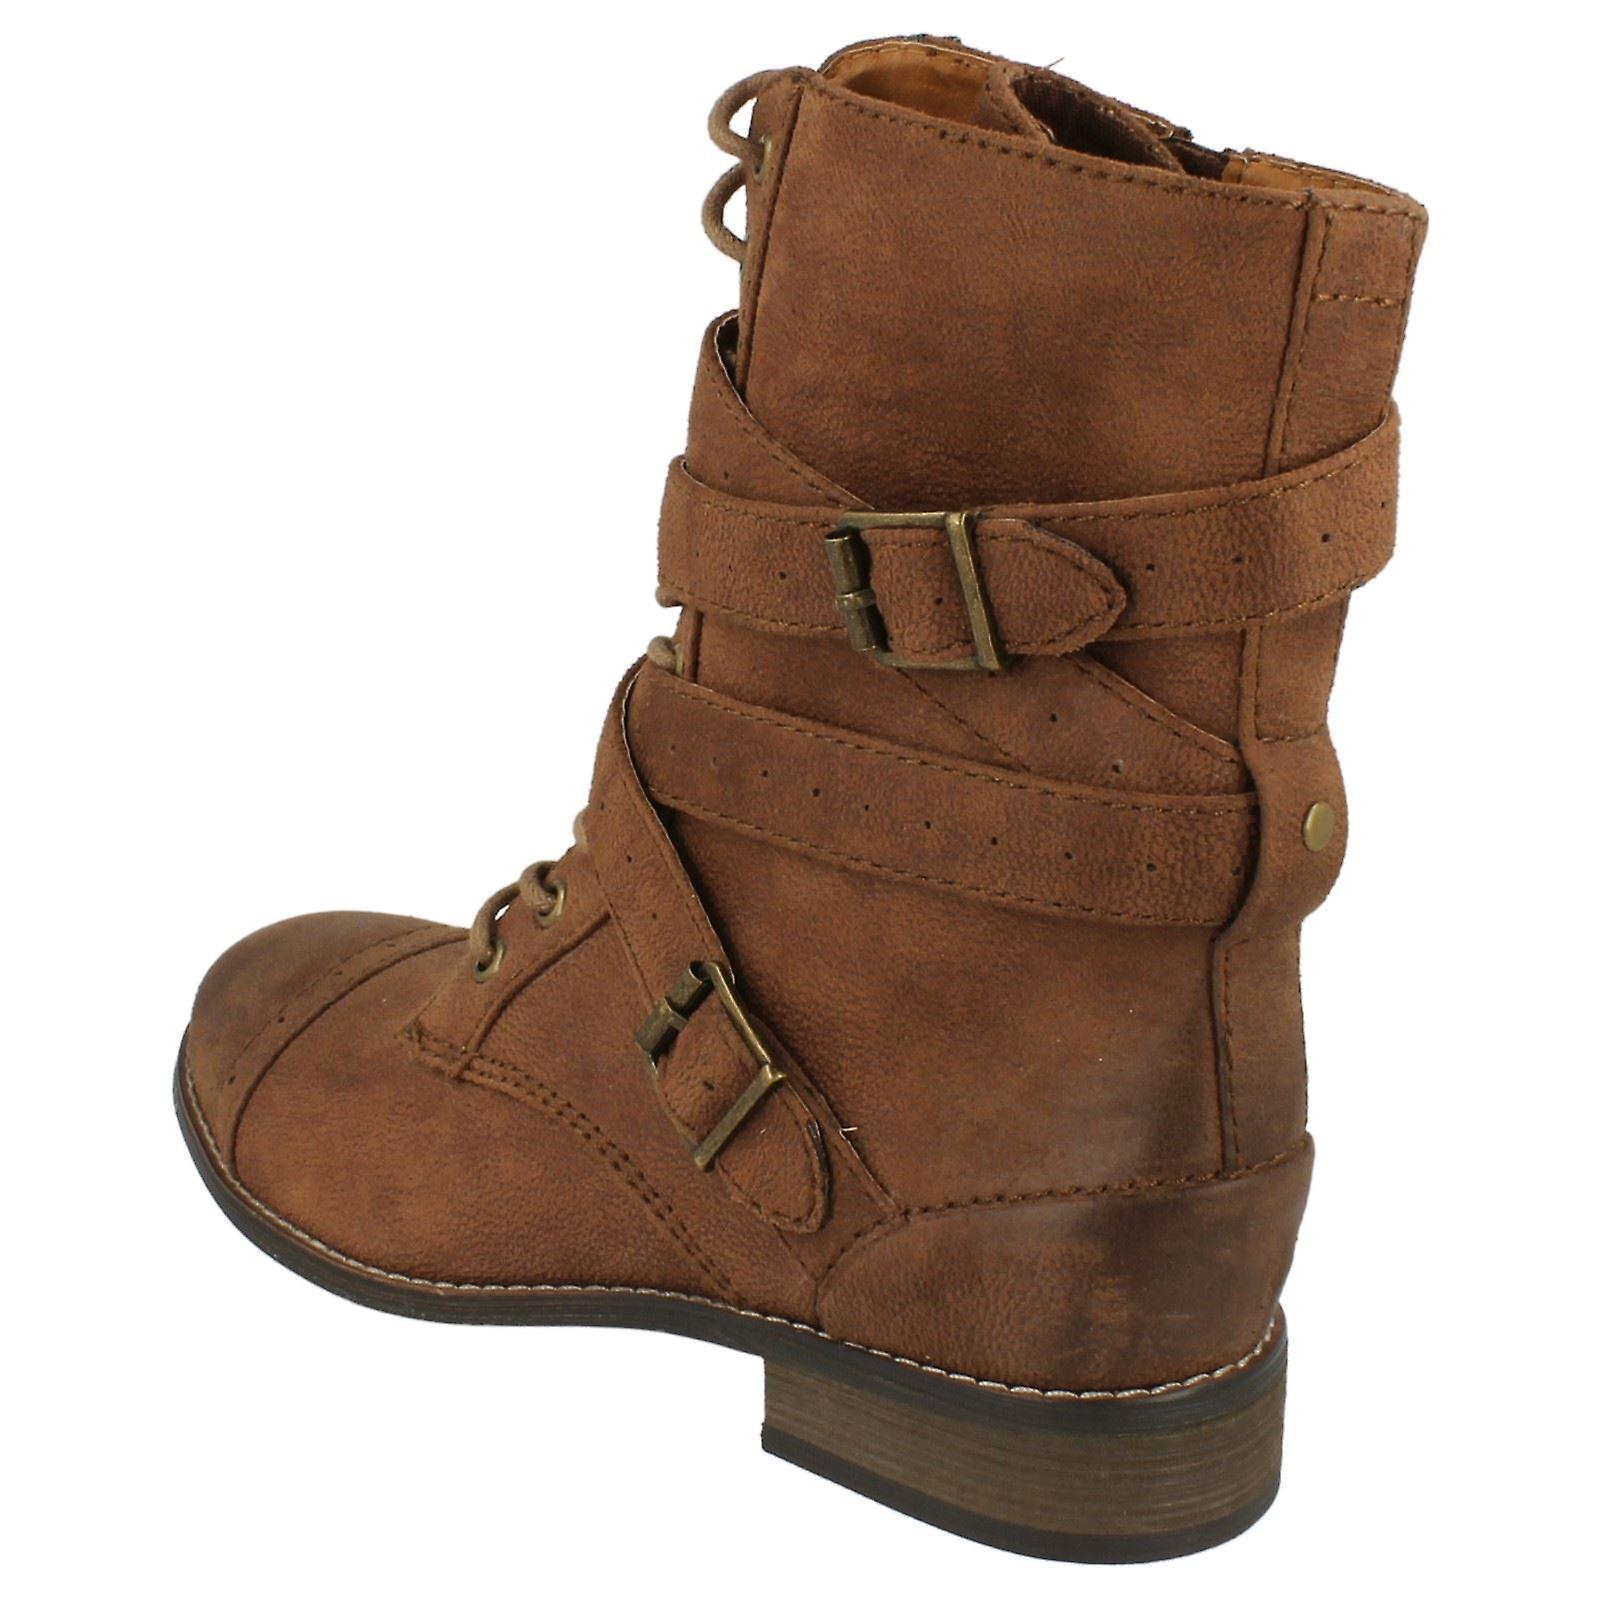 Dames Coco militaire stijl Lace Up platte laarzen L8641 MCLEtG